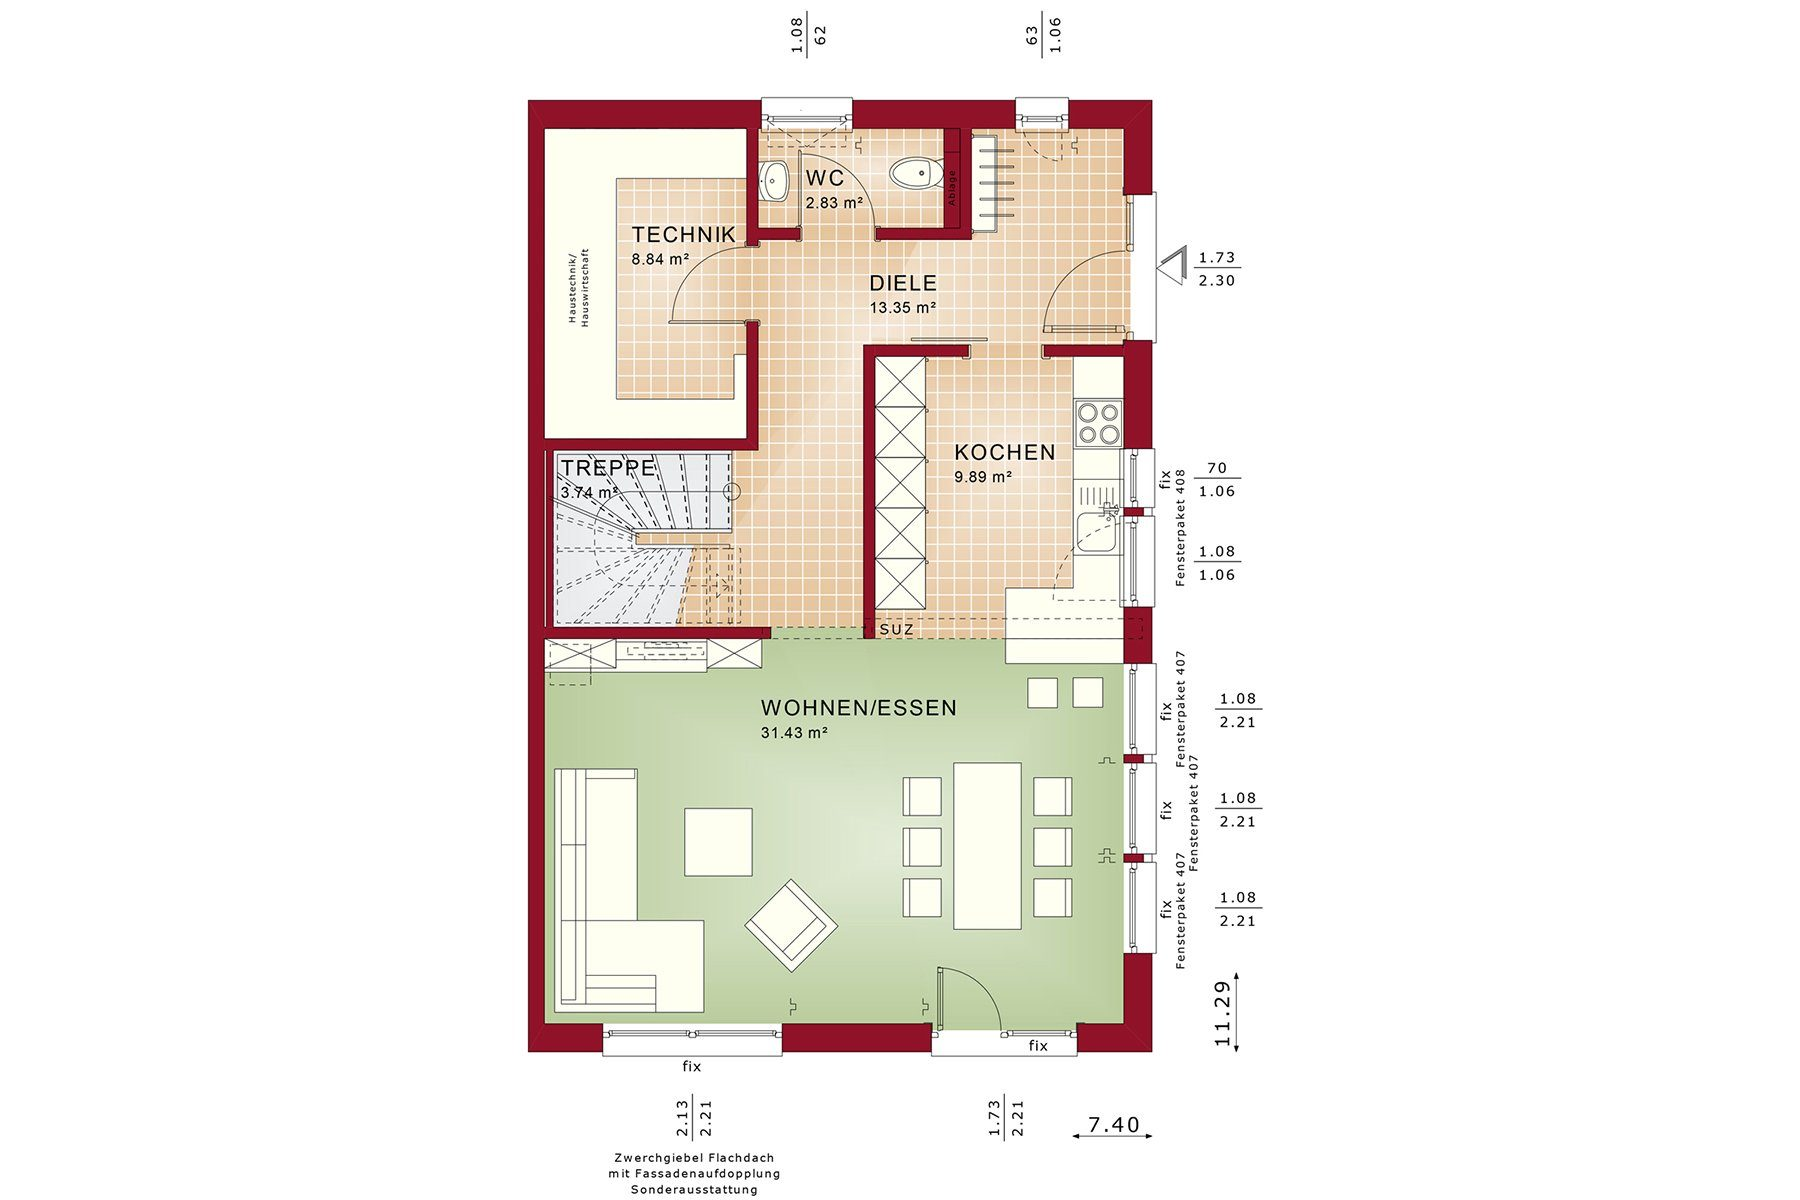 CELEBRATION 139 V2 - Eine nahaufnahme von text auf einem weißen hintergrund - Gebäudeplan